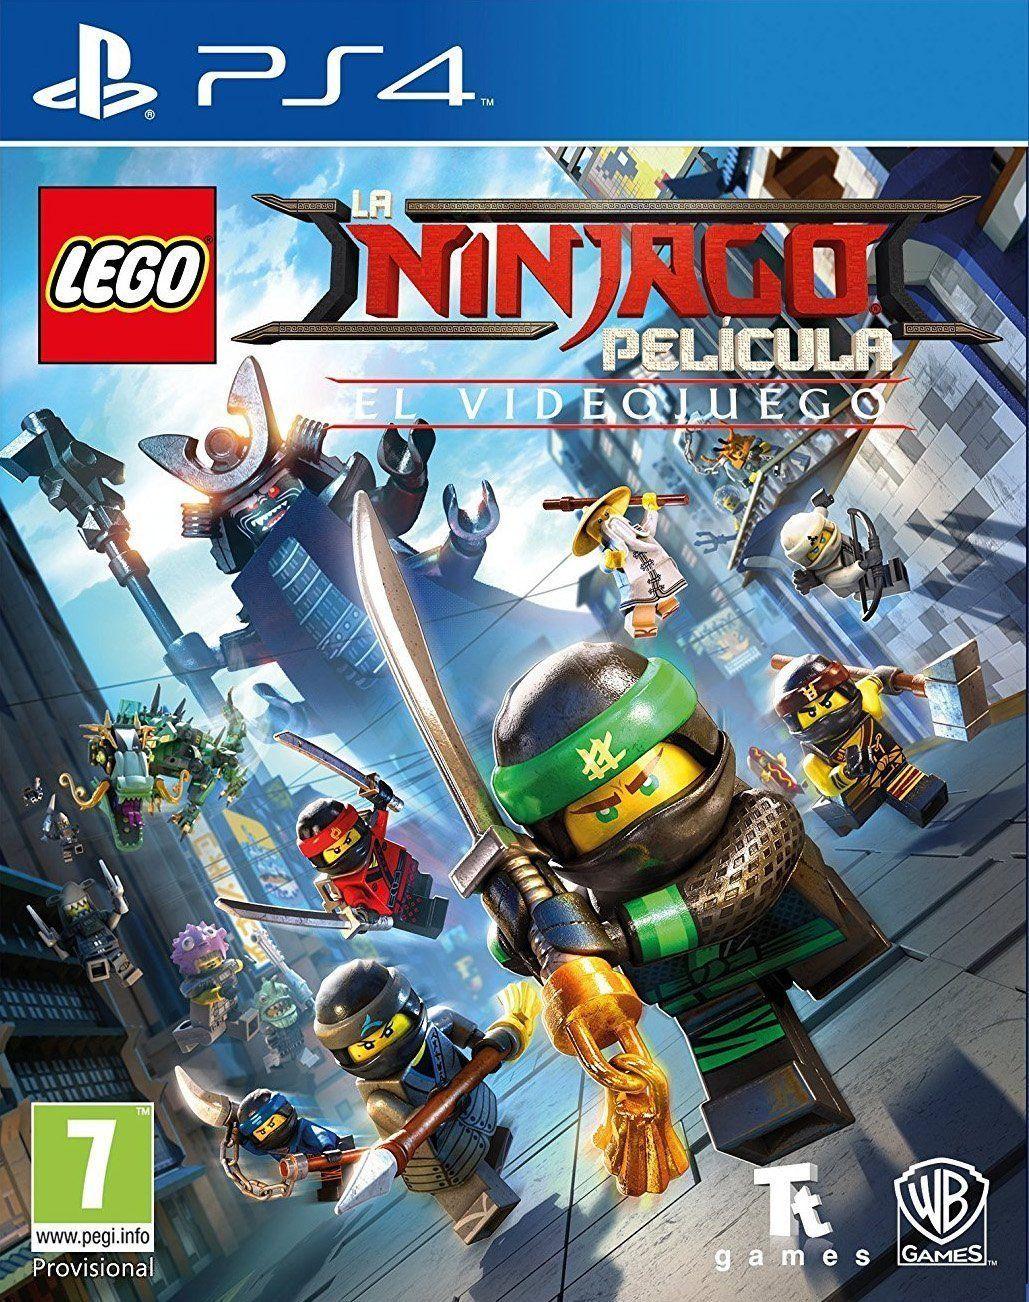 La LEGO Ninjago Película – El Videojuego (SEMINUEVO)